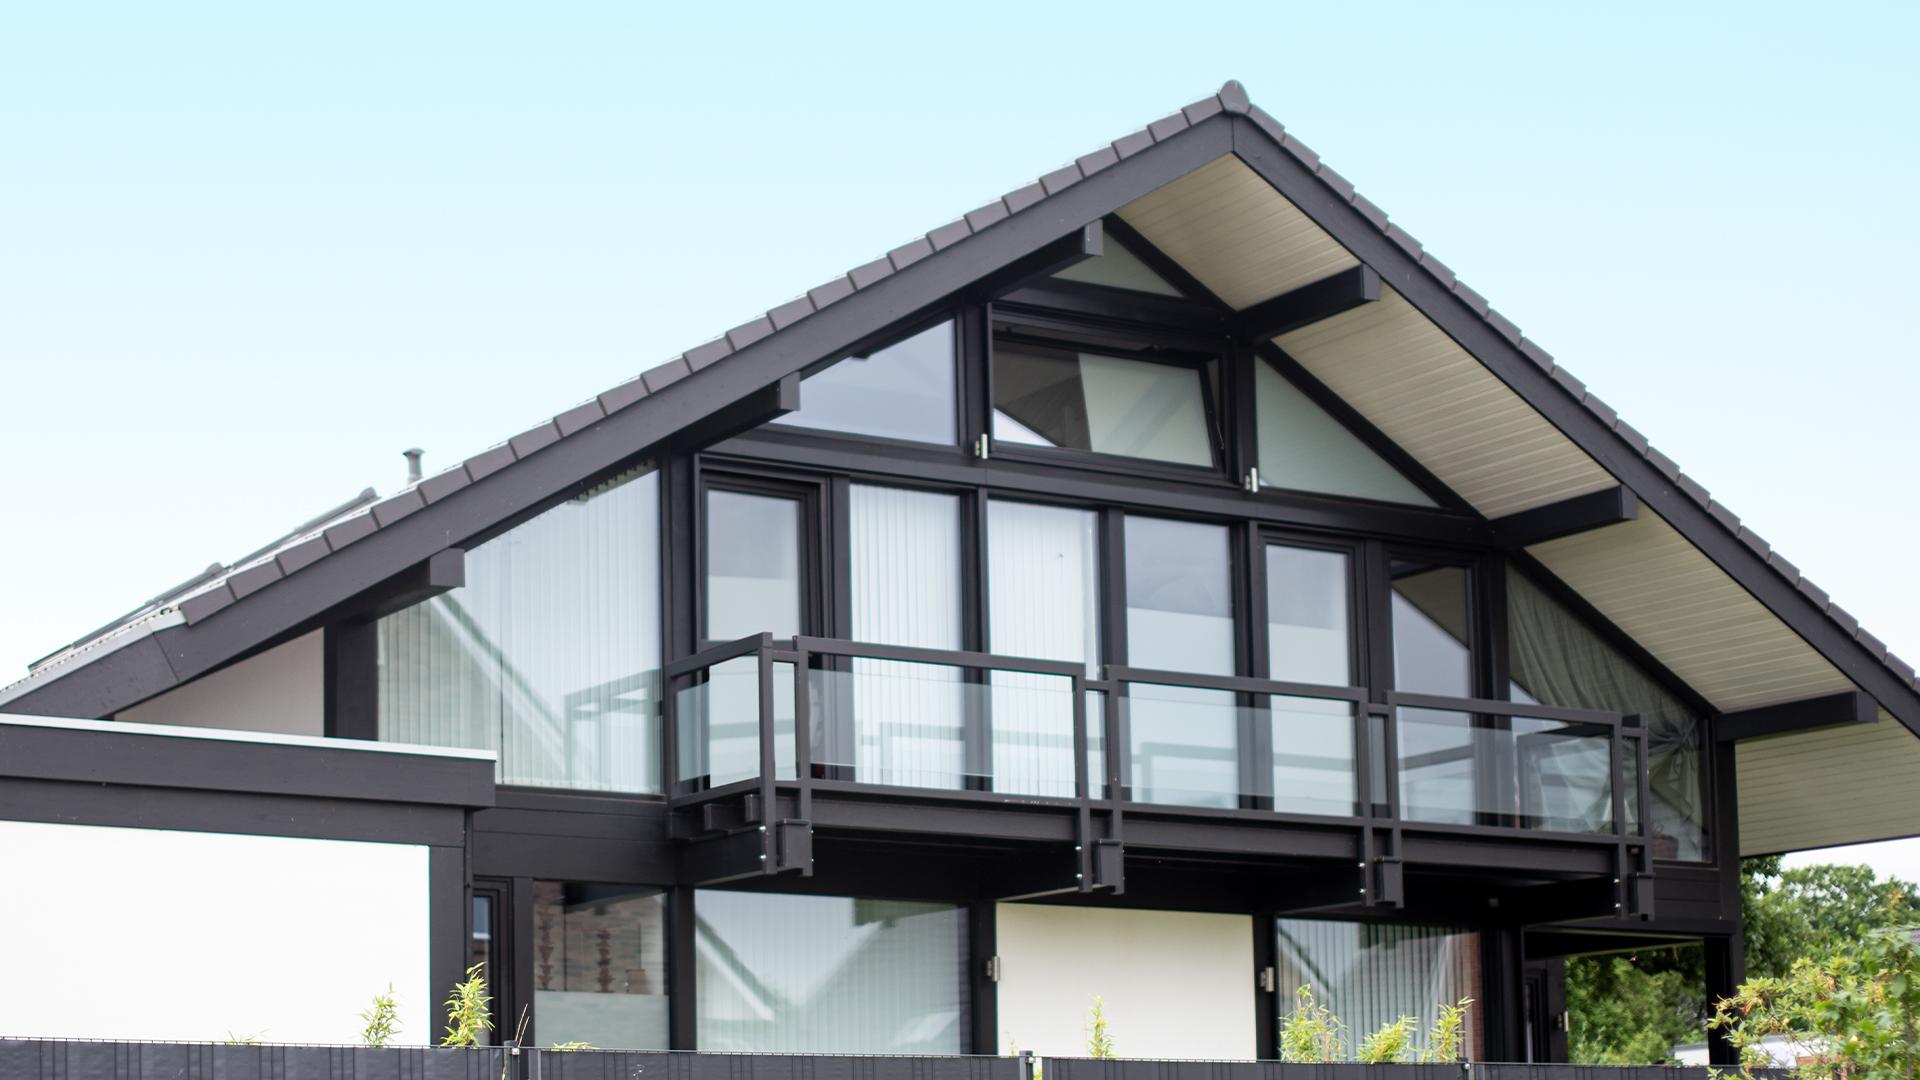 Detmolder Fachwerkhaus – Fenster und Verglasung 02